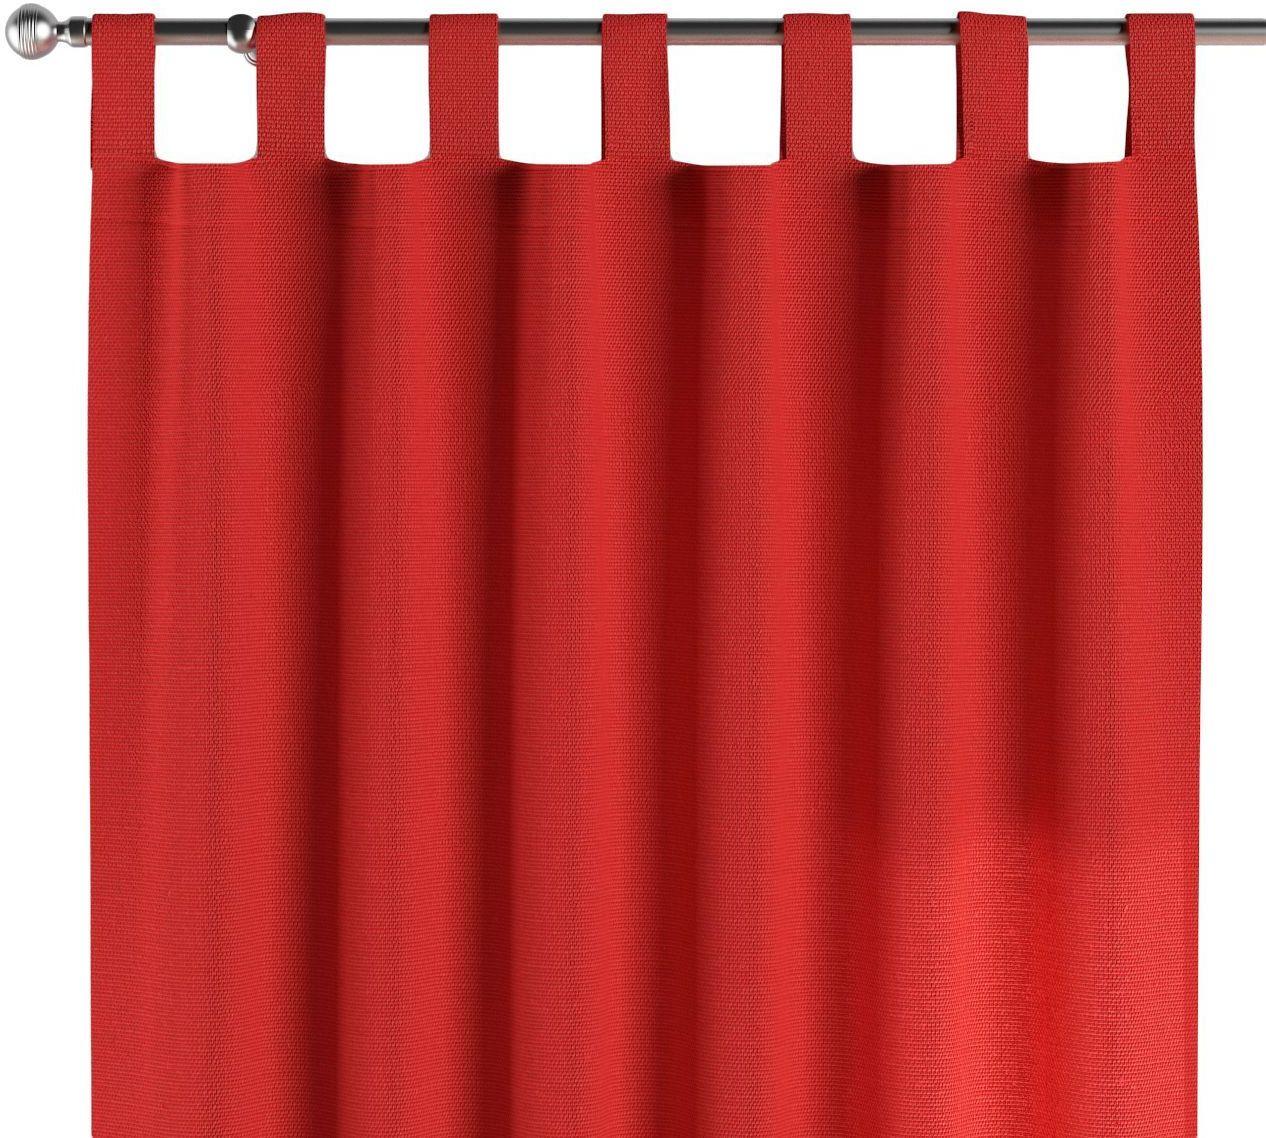 Zasłona na szelkach 1 szt., czerwony, 1szt 130  260 cm, Loneta